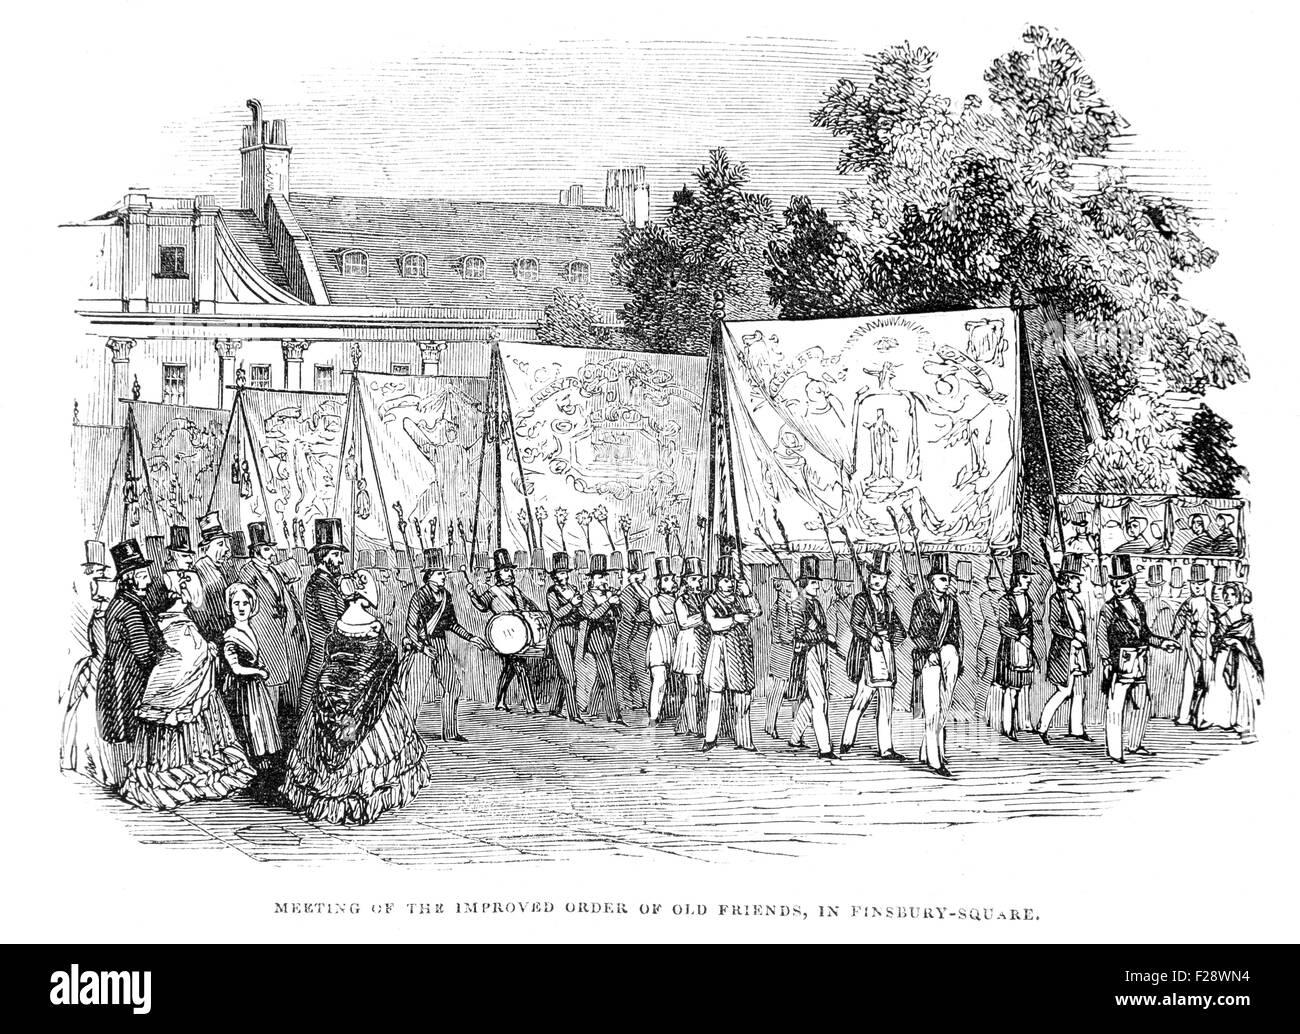 Réunion de l'amélioration de l'ordre de vieux amis à Finsbury Square, l'Illustrated London Photo Stock